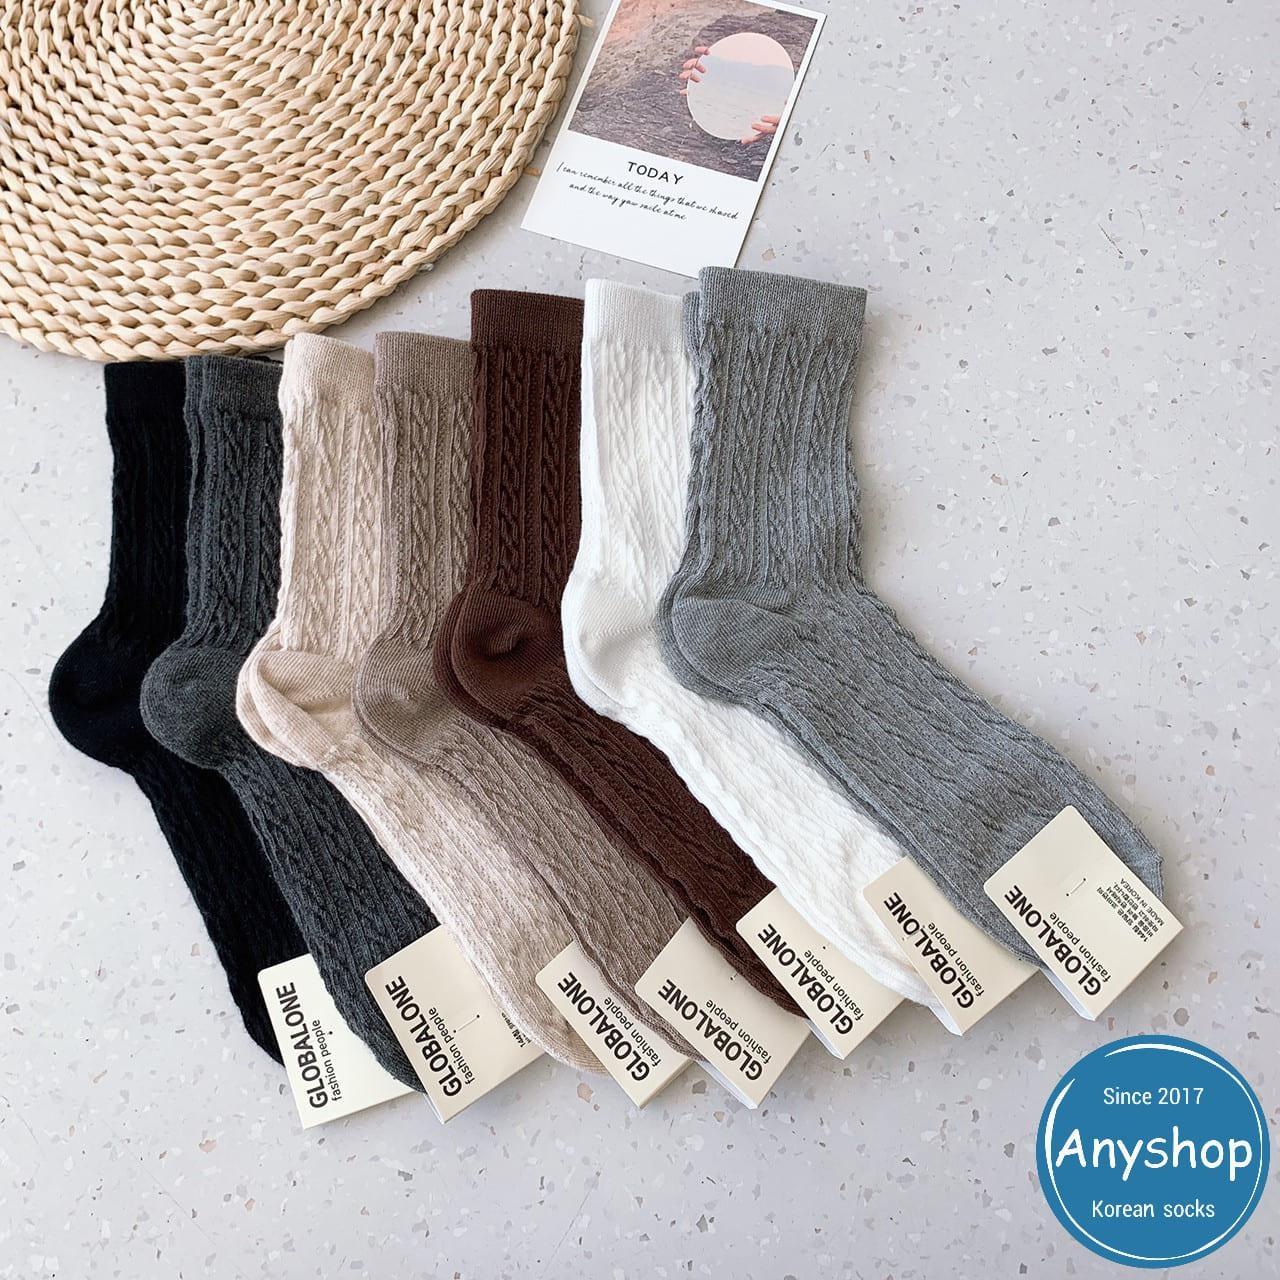 韓國襪-[Anyshop]歐膩編織紋浮雕滿版長襪